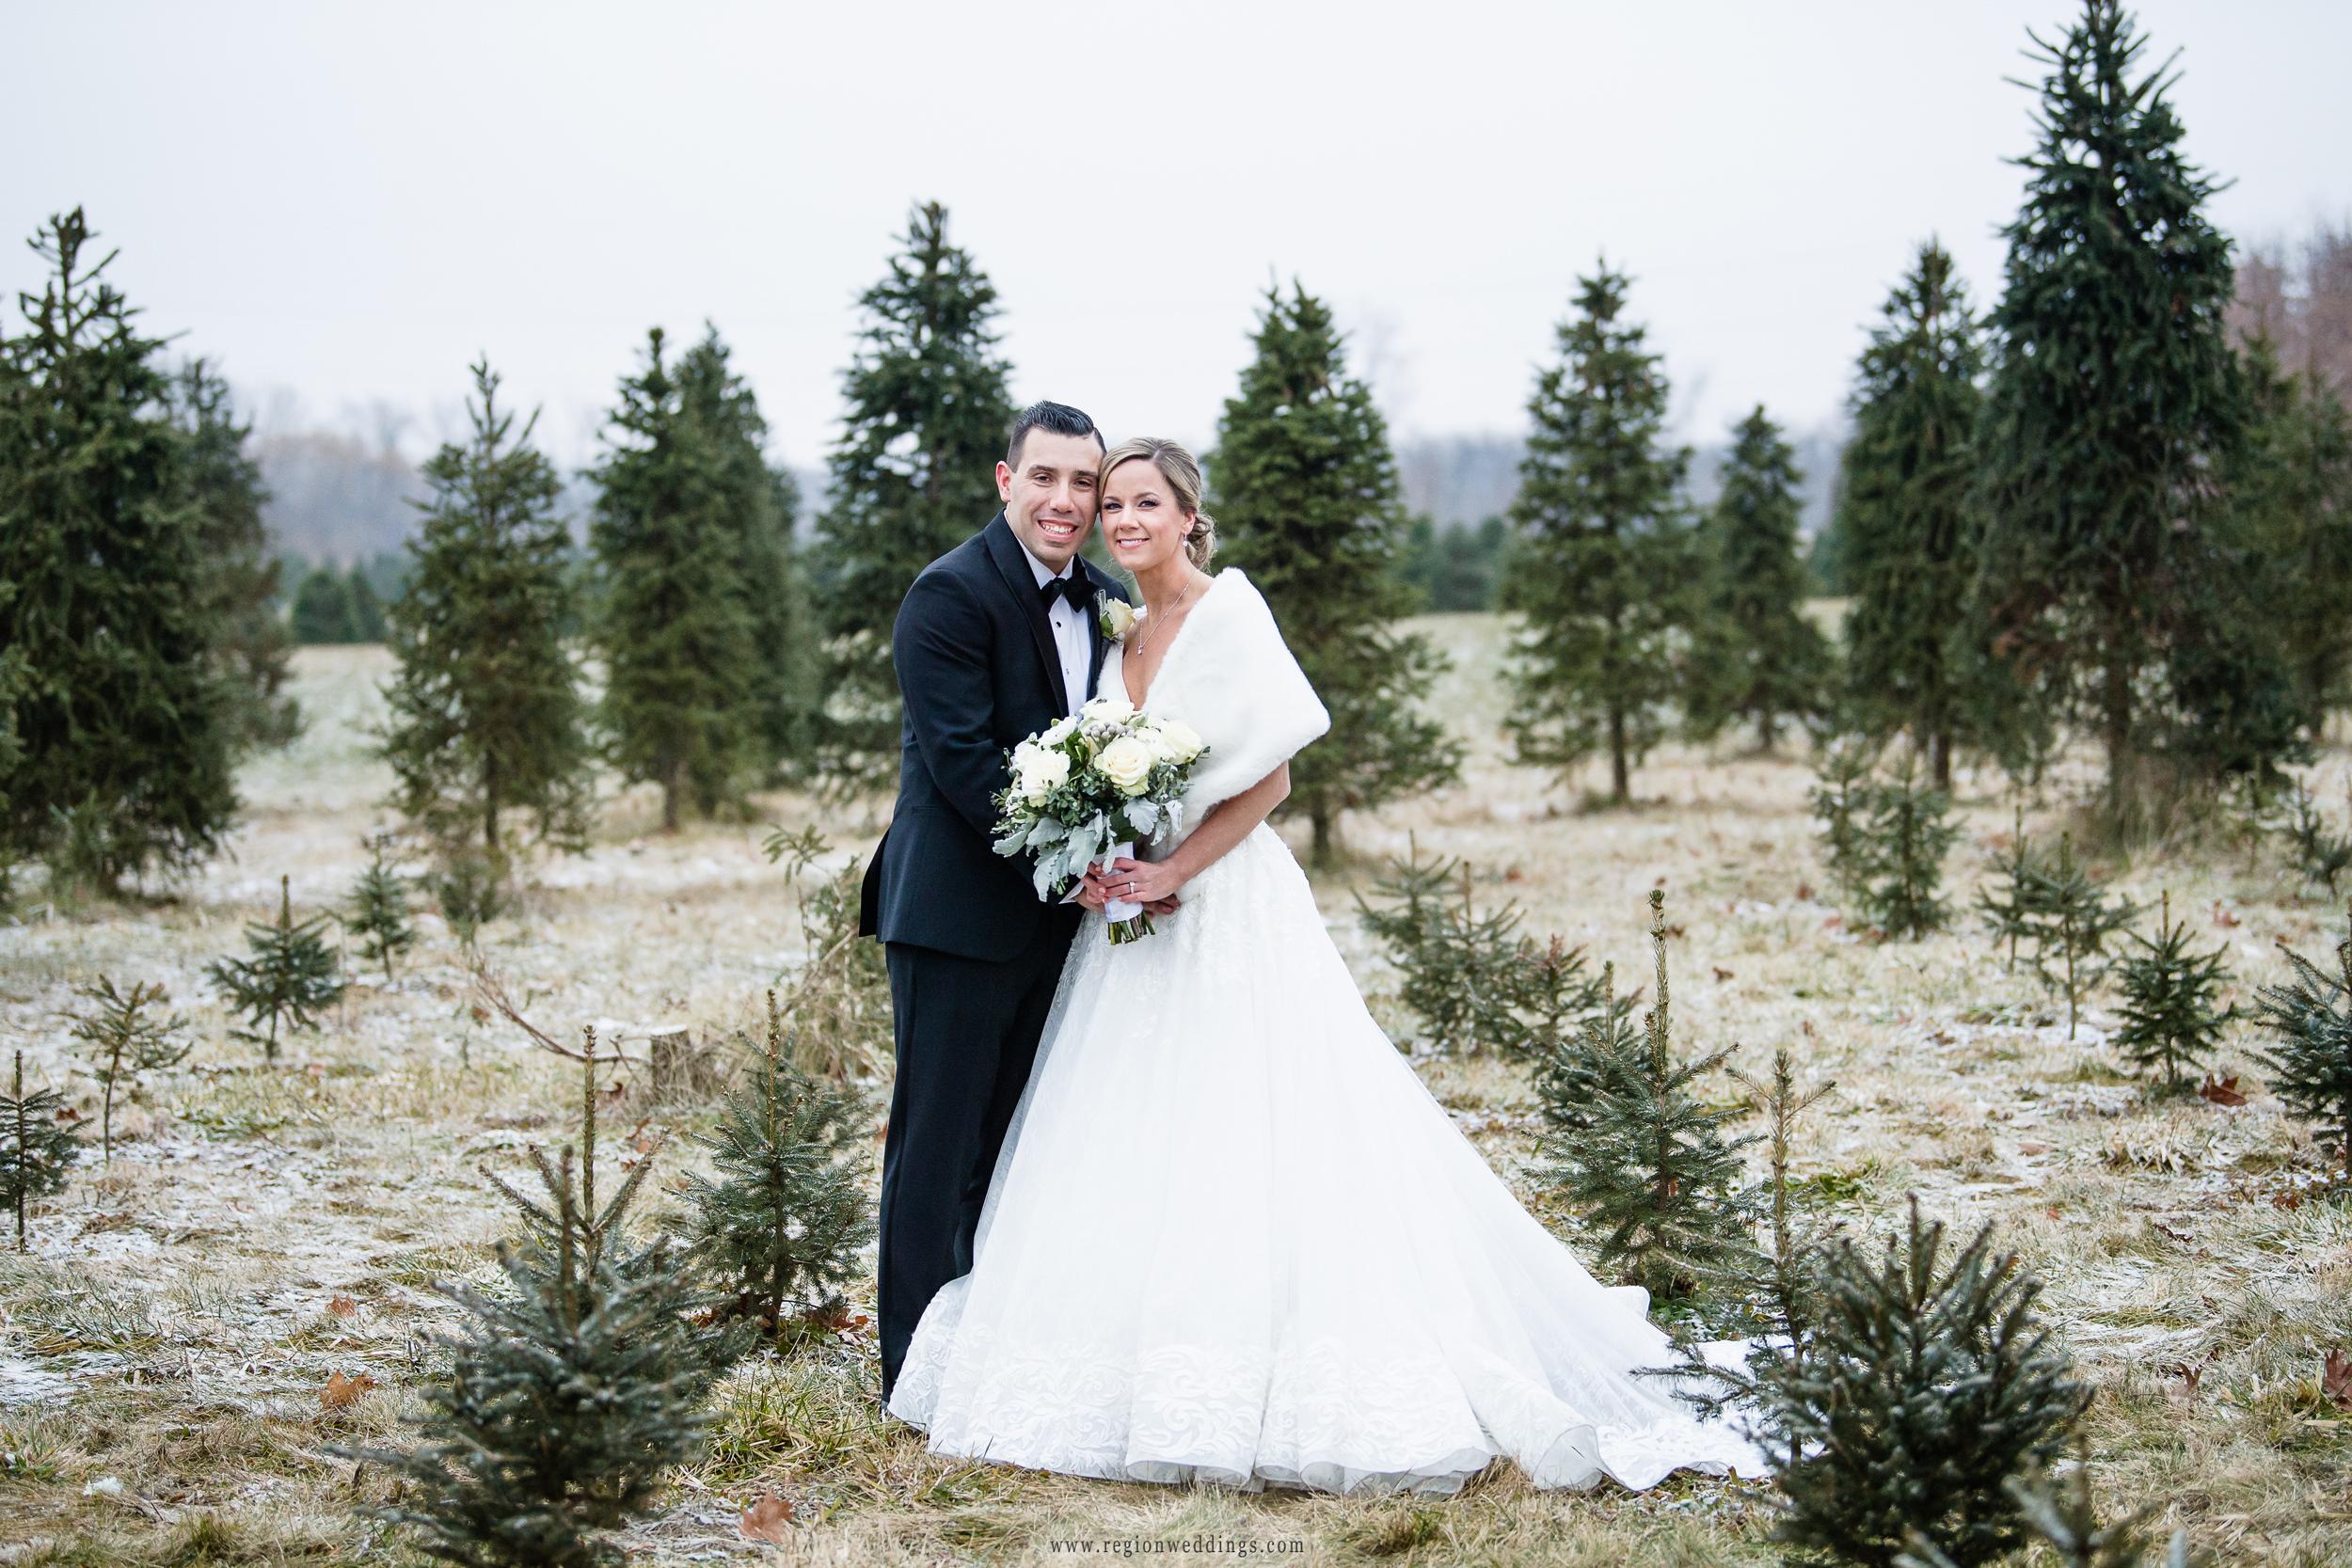 Bride and groom portrait at Kapitan Nursery tree farm.